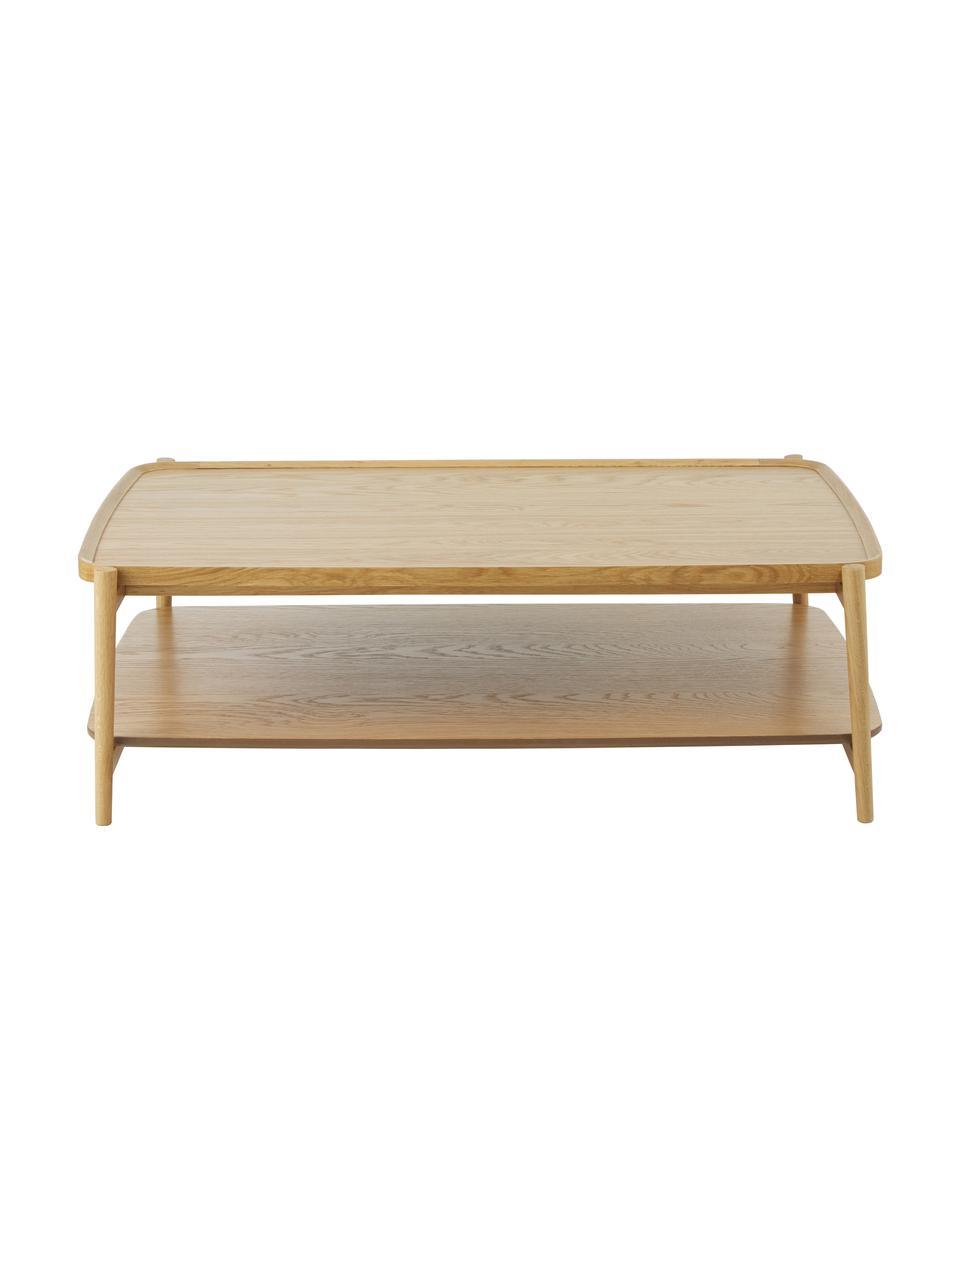 Tavolino da salotto in legno di quercia Libby, Struttura: legno massiccio di querci, Legno di quercia, Larg. 110 x Alt. 35 cm